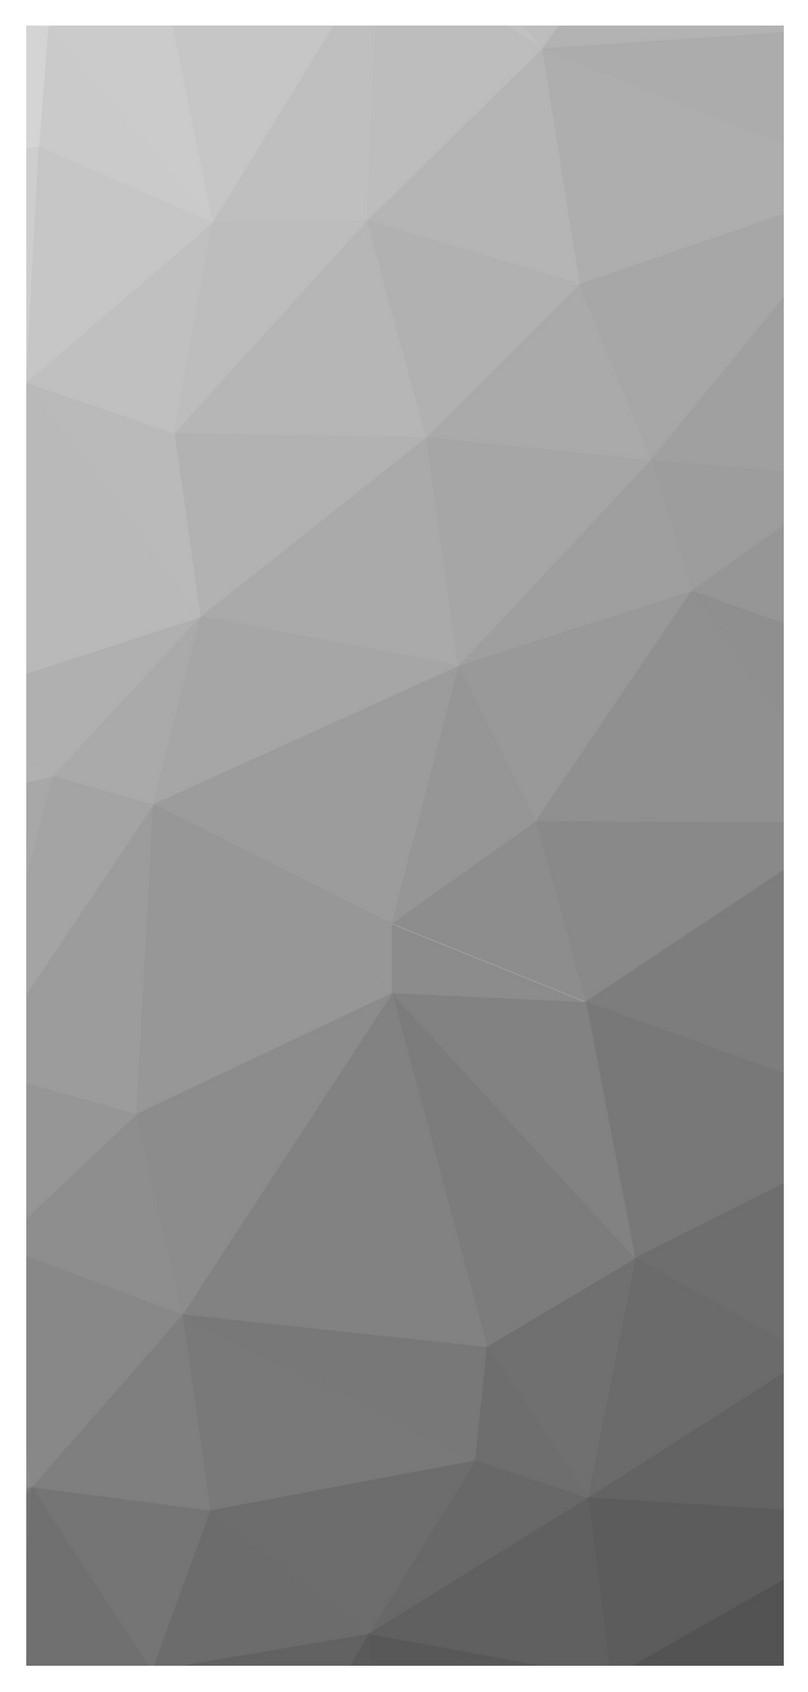 幾何学模様の携帯壁紙イメージ 背景 Id 400790781 Prf画像フォーマット